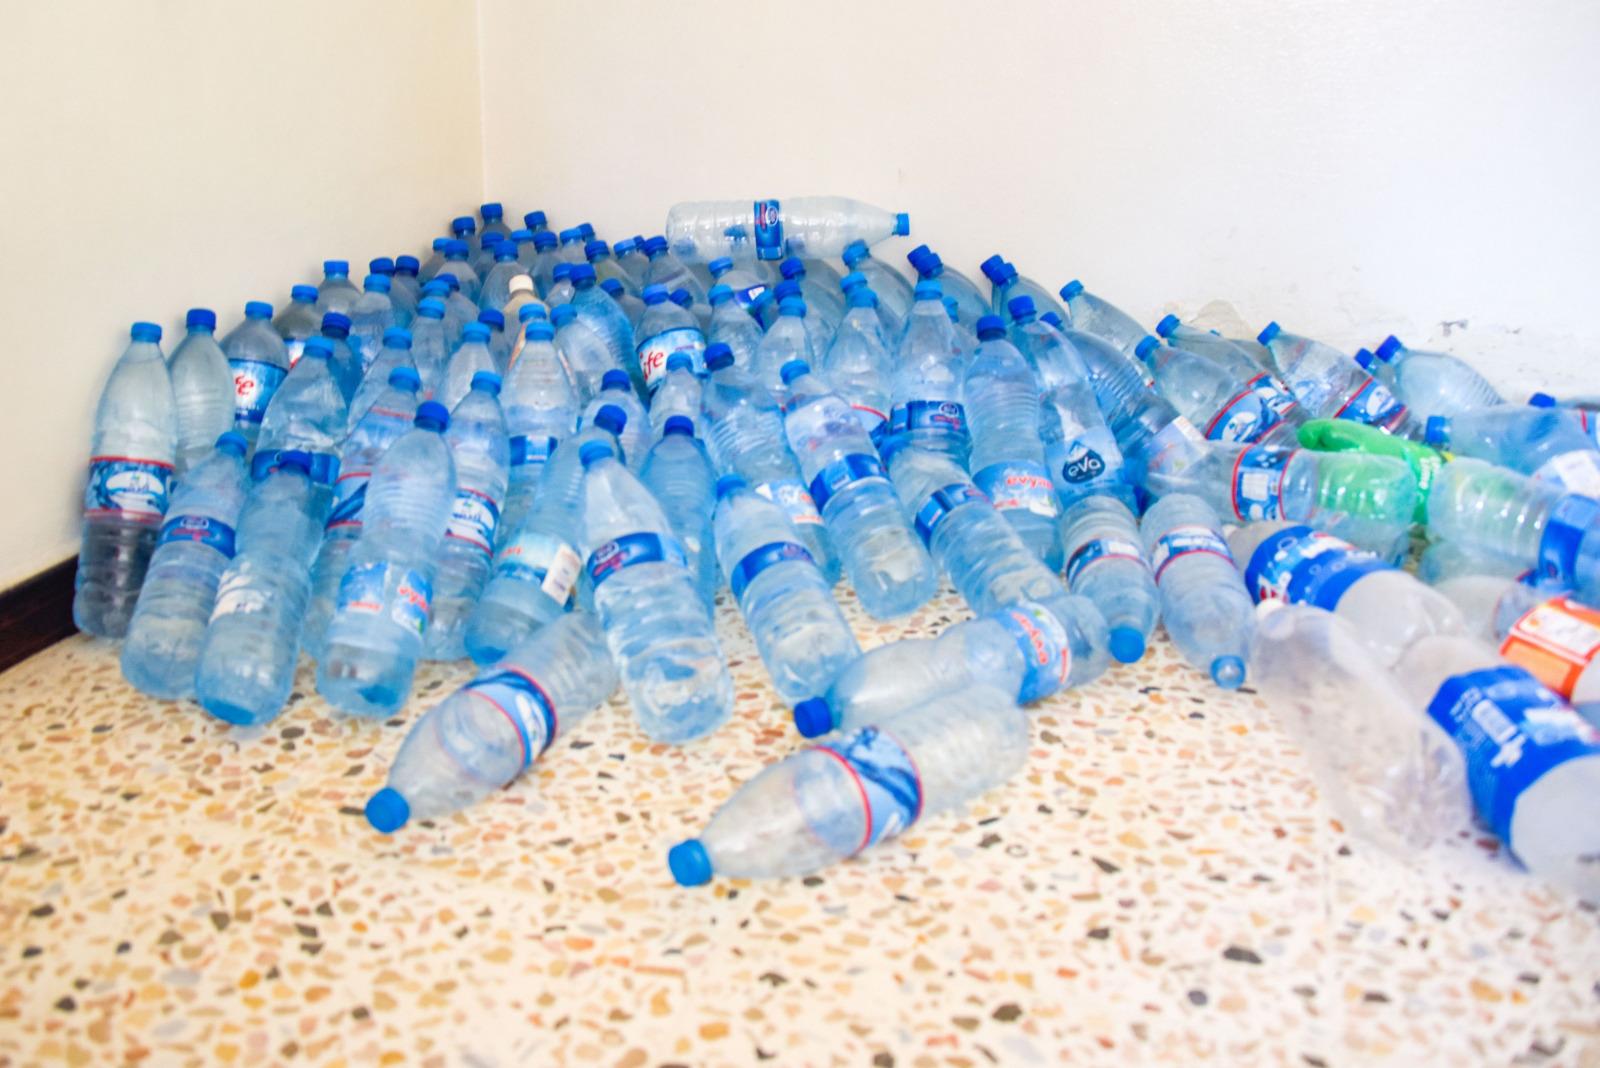 wassermangel syrien plastikflaschen Tareq Mnadili NRC